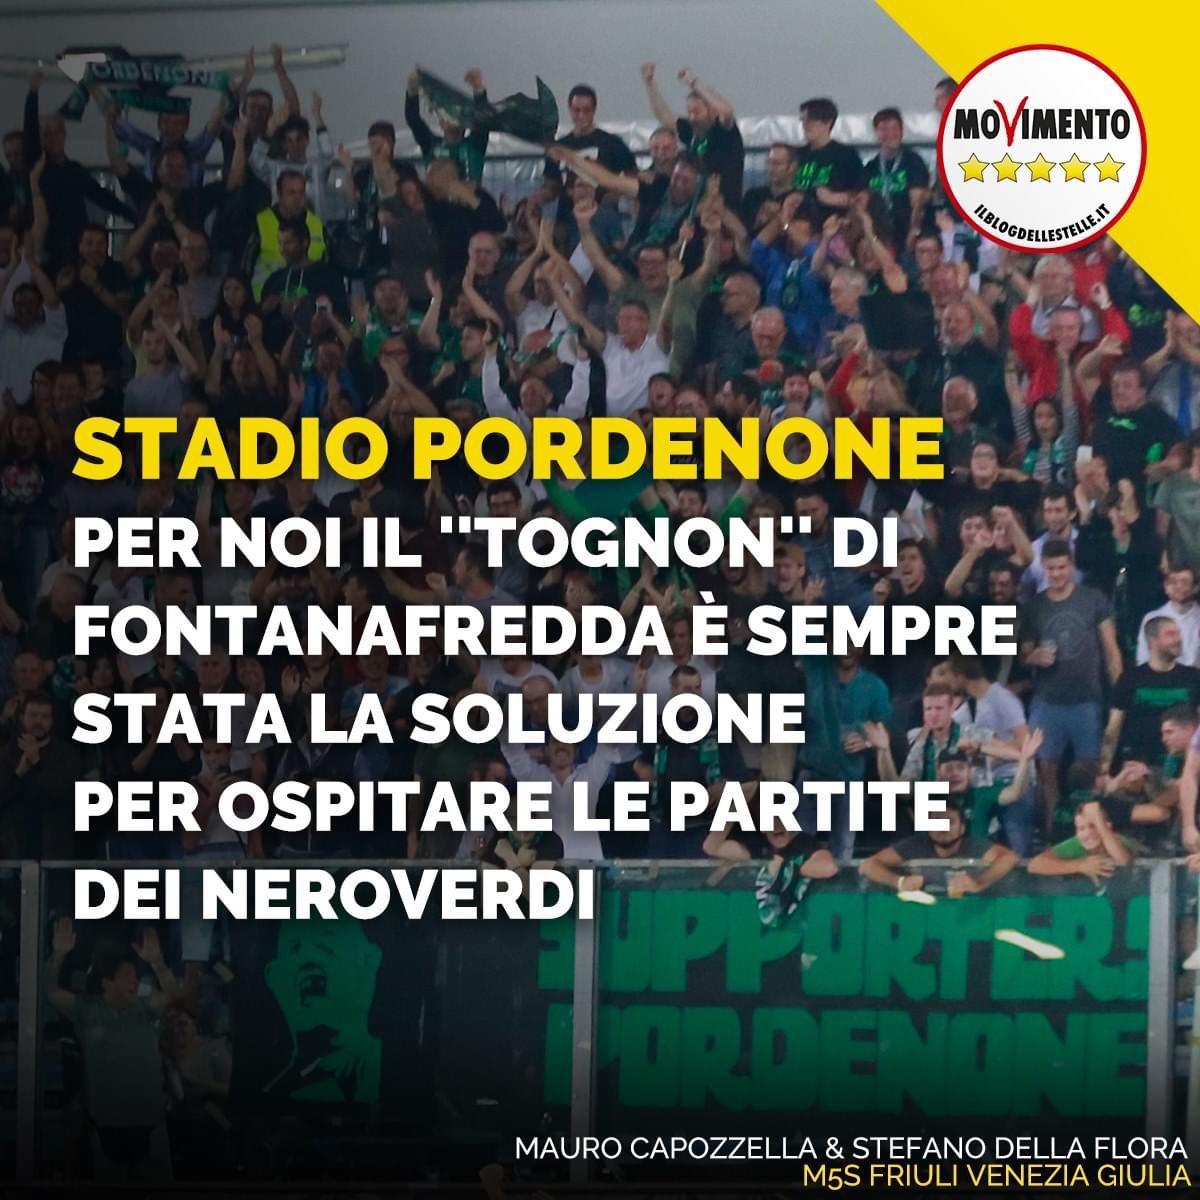 Stadio Pordenone: per noi il Tognon di Fontanafredda é sempre stata la soluzione per ospitare le partite dei neroverdi ⬛️🟩 1